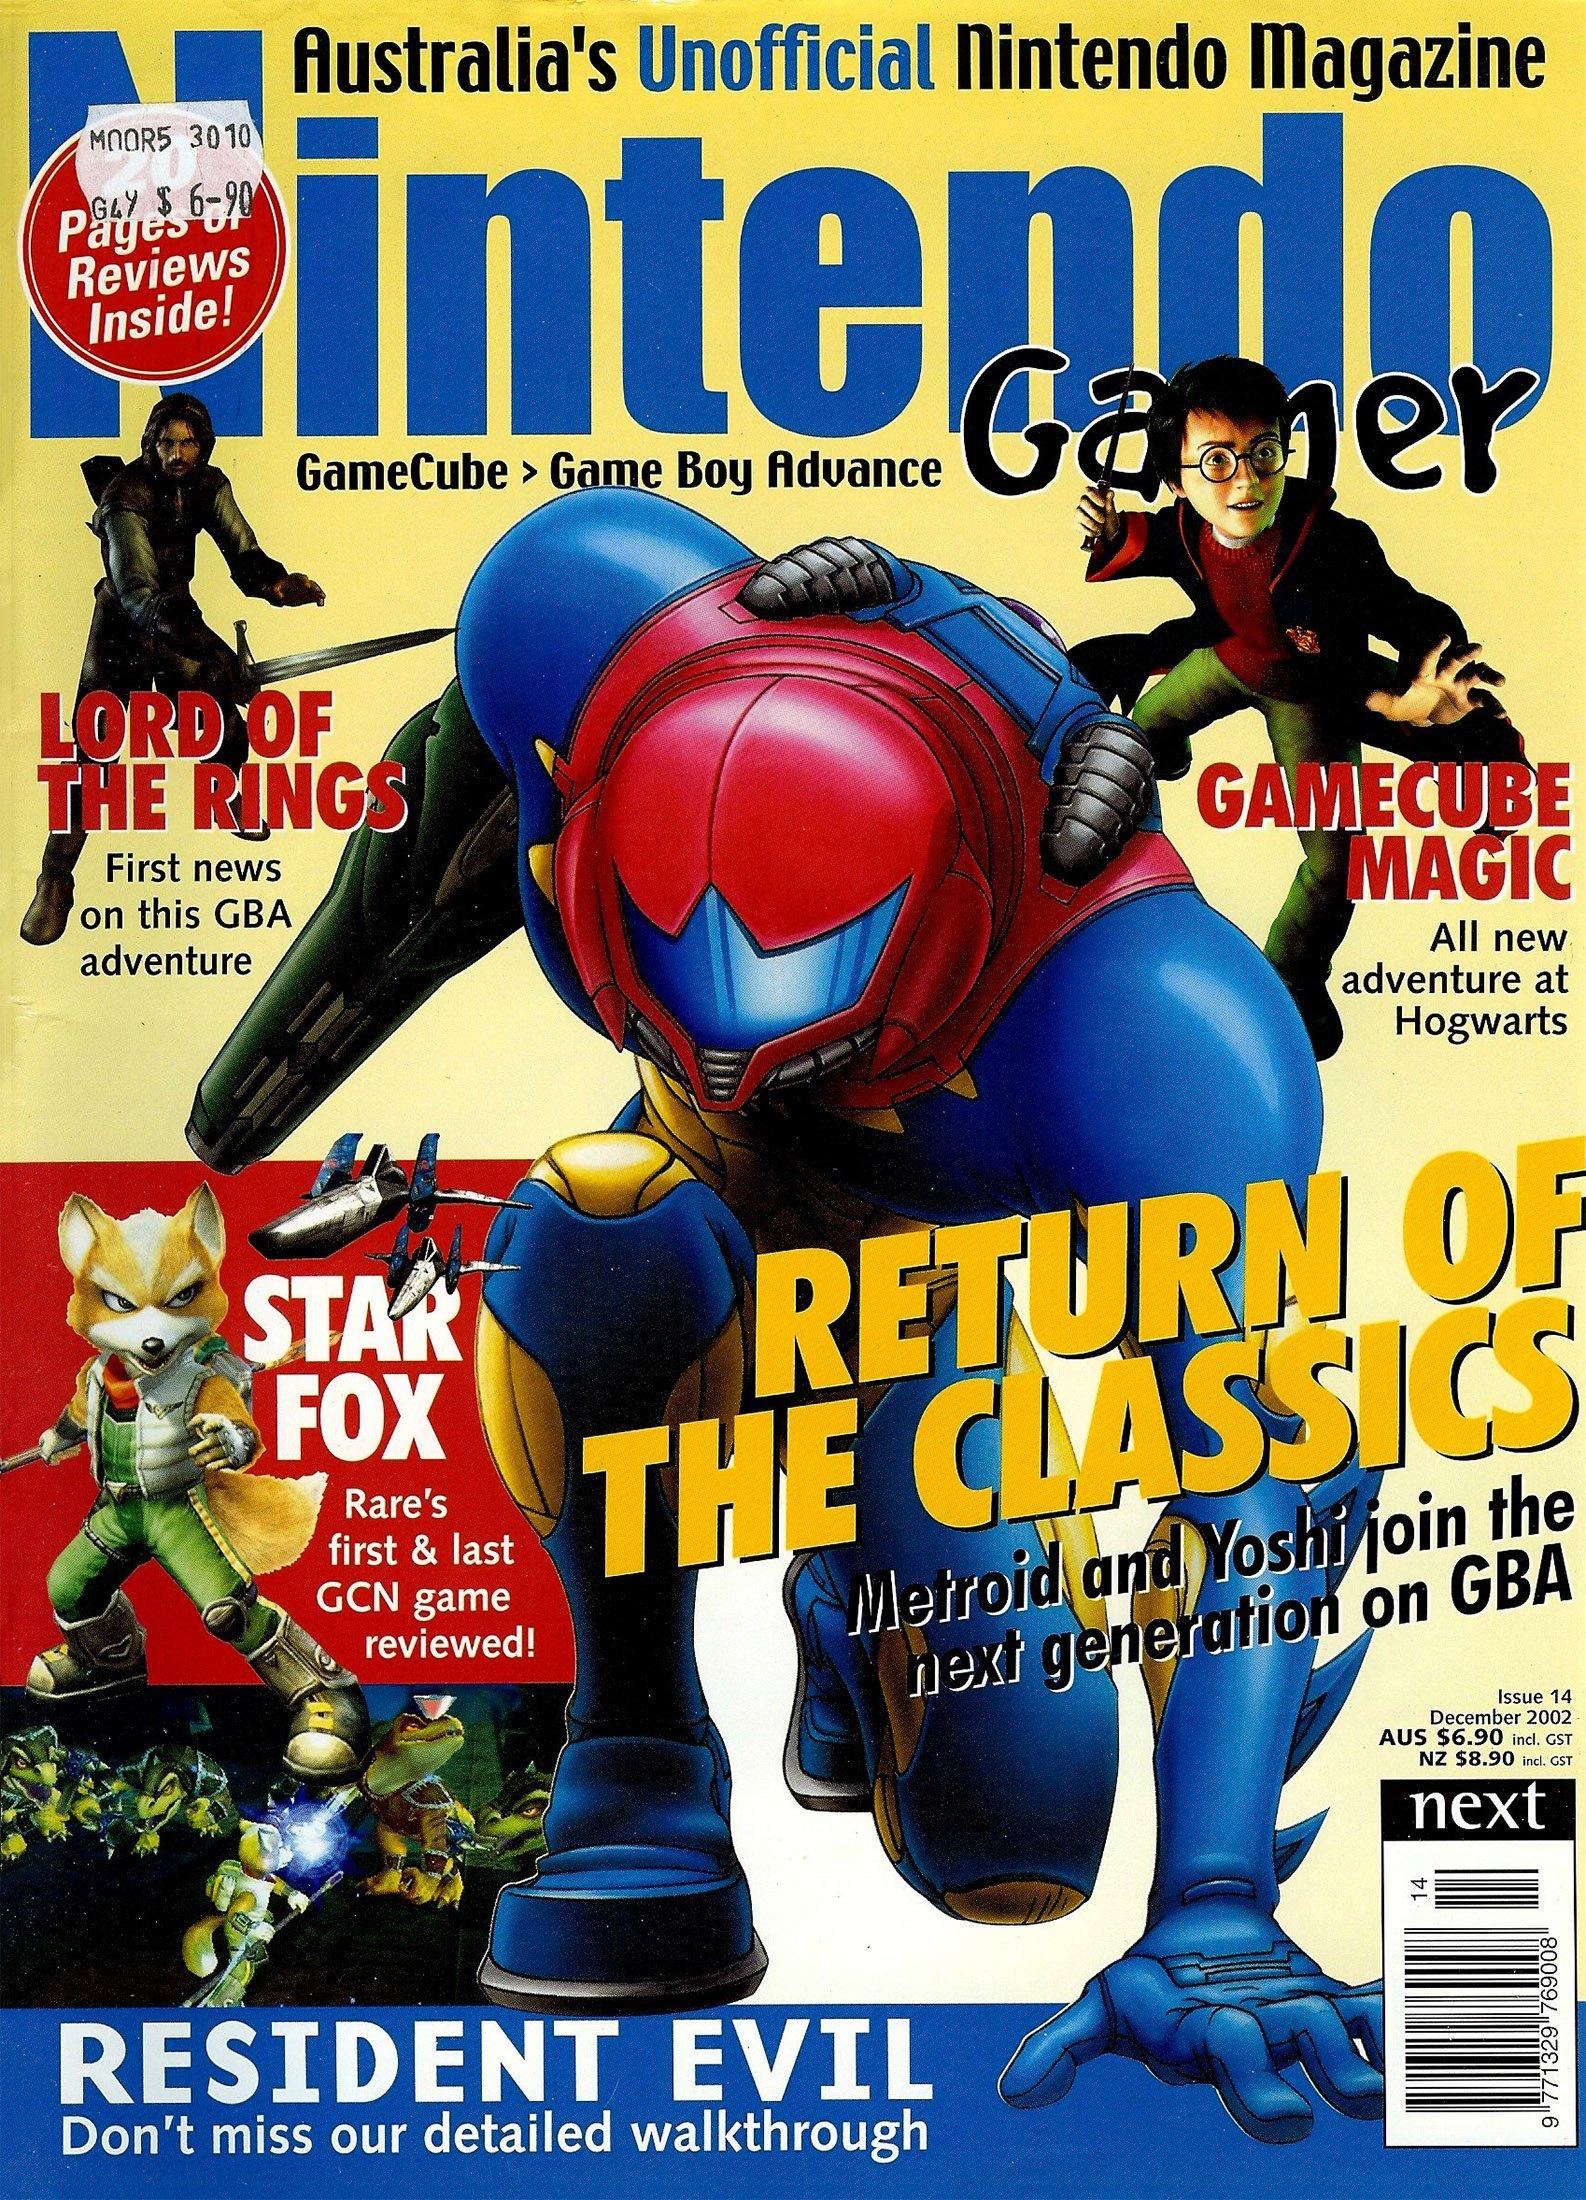 Nintendo Gamer Issue 14 (December 2002)